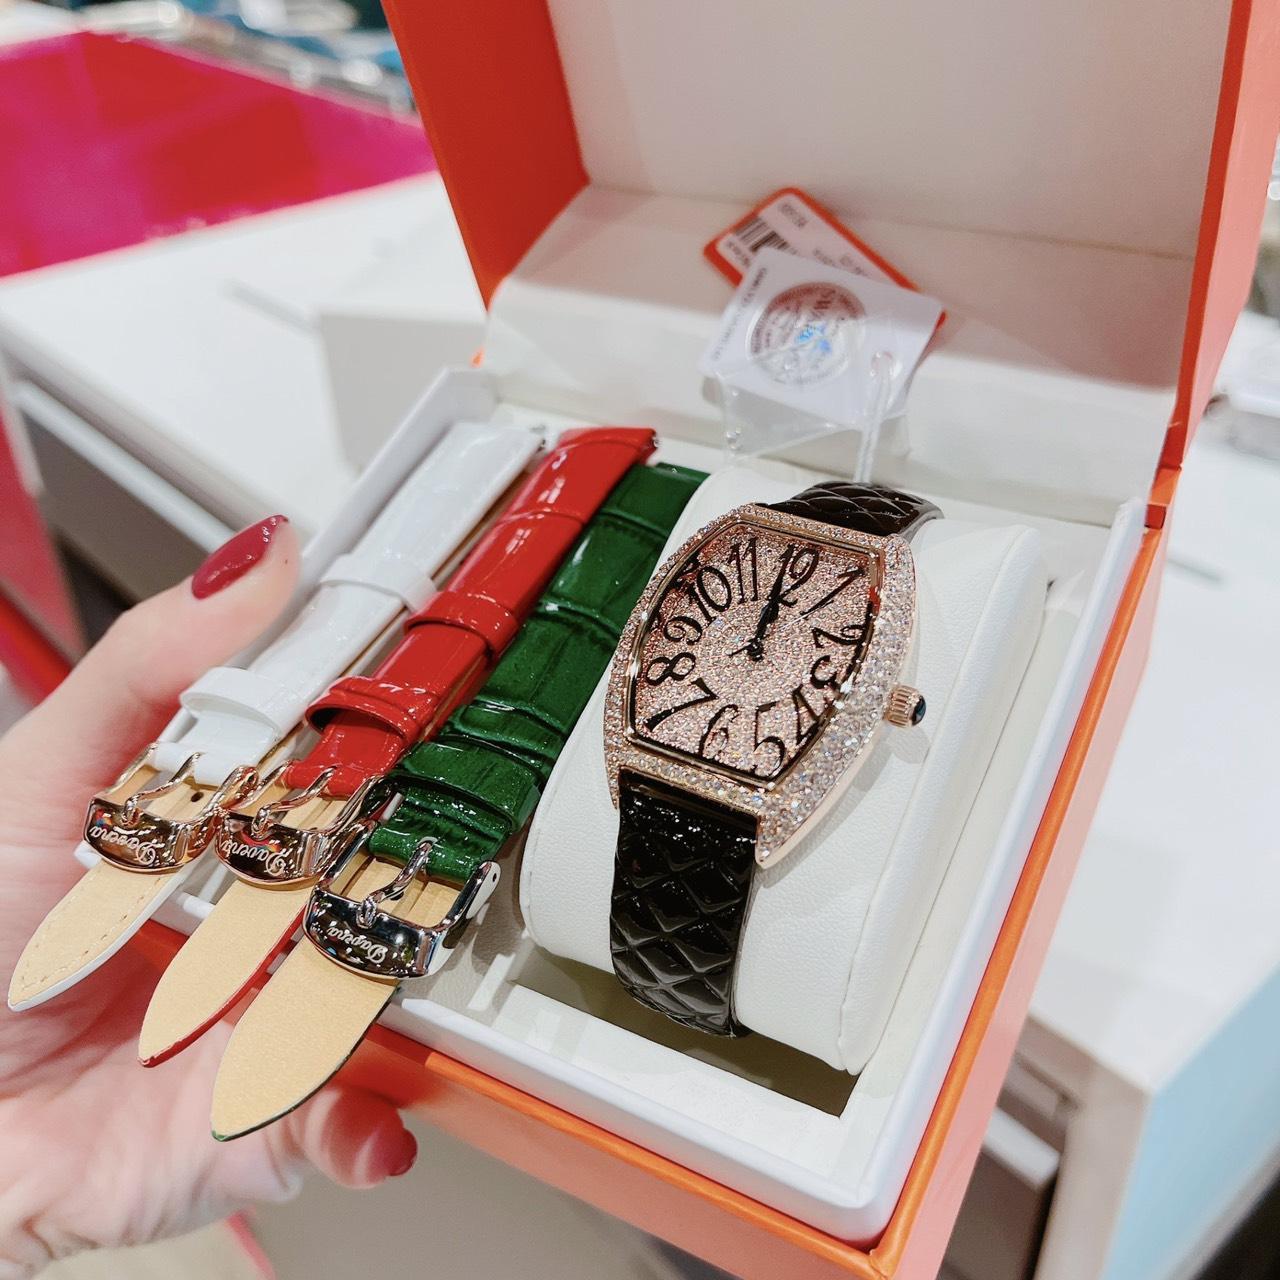 Đồng hồ hãng D.a.v.e.n.a phiên bản Fra.nk Mu.ller